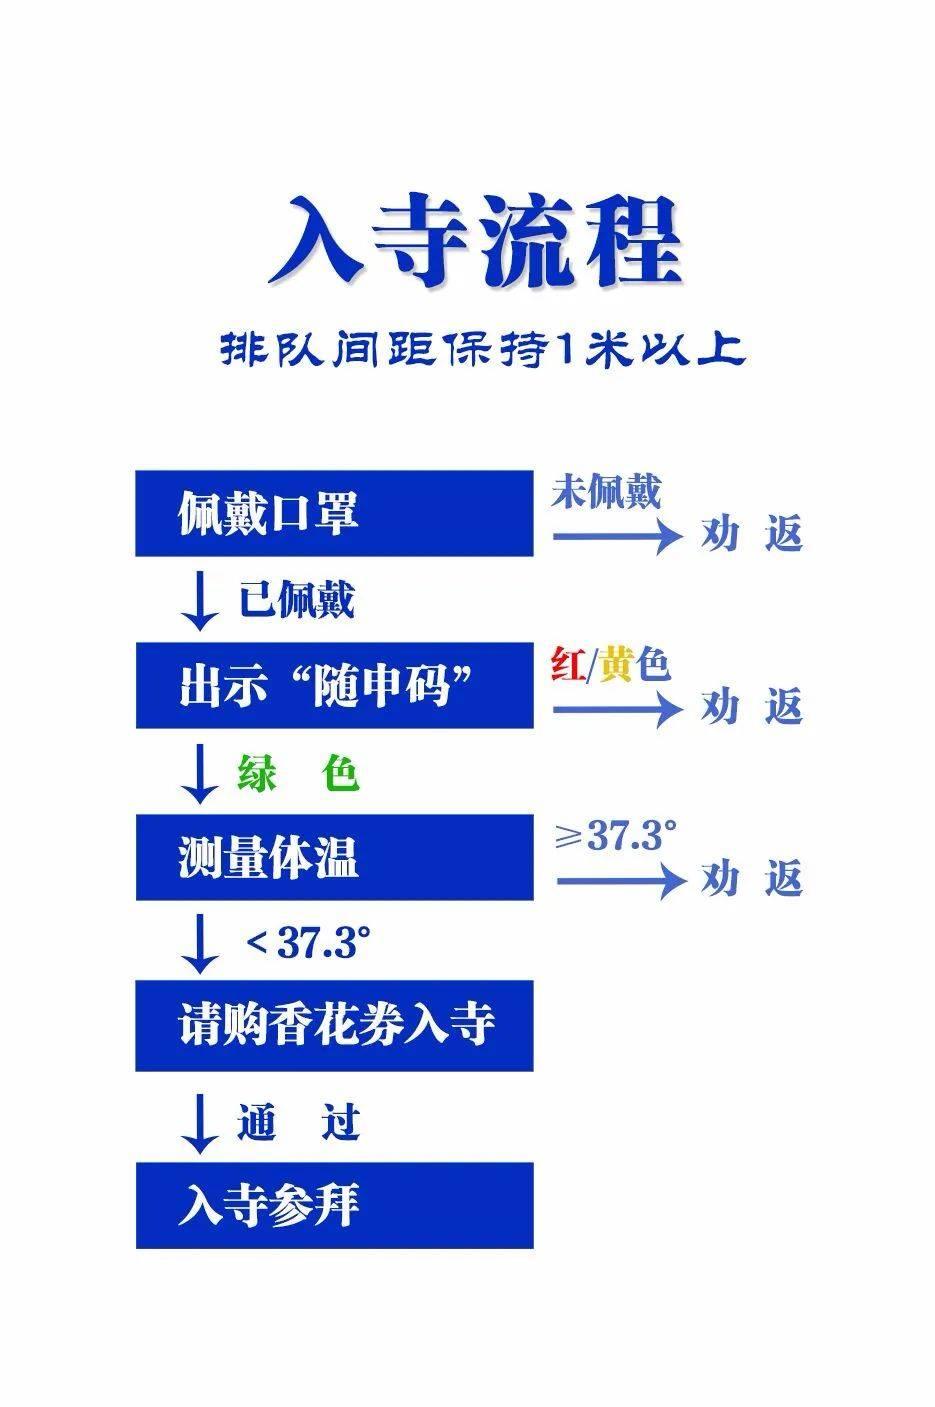 上海静安寺7月18日恢复开放,每人可以领取一次性拜垫垫布